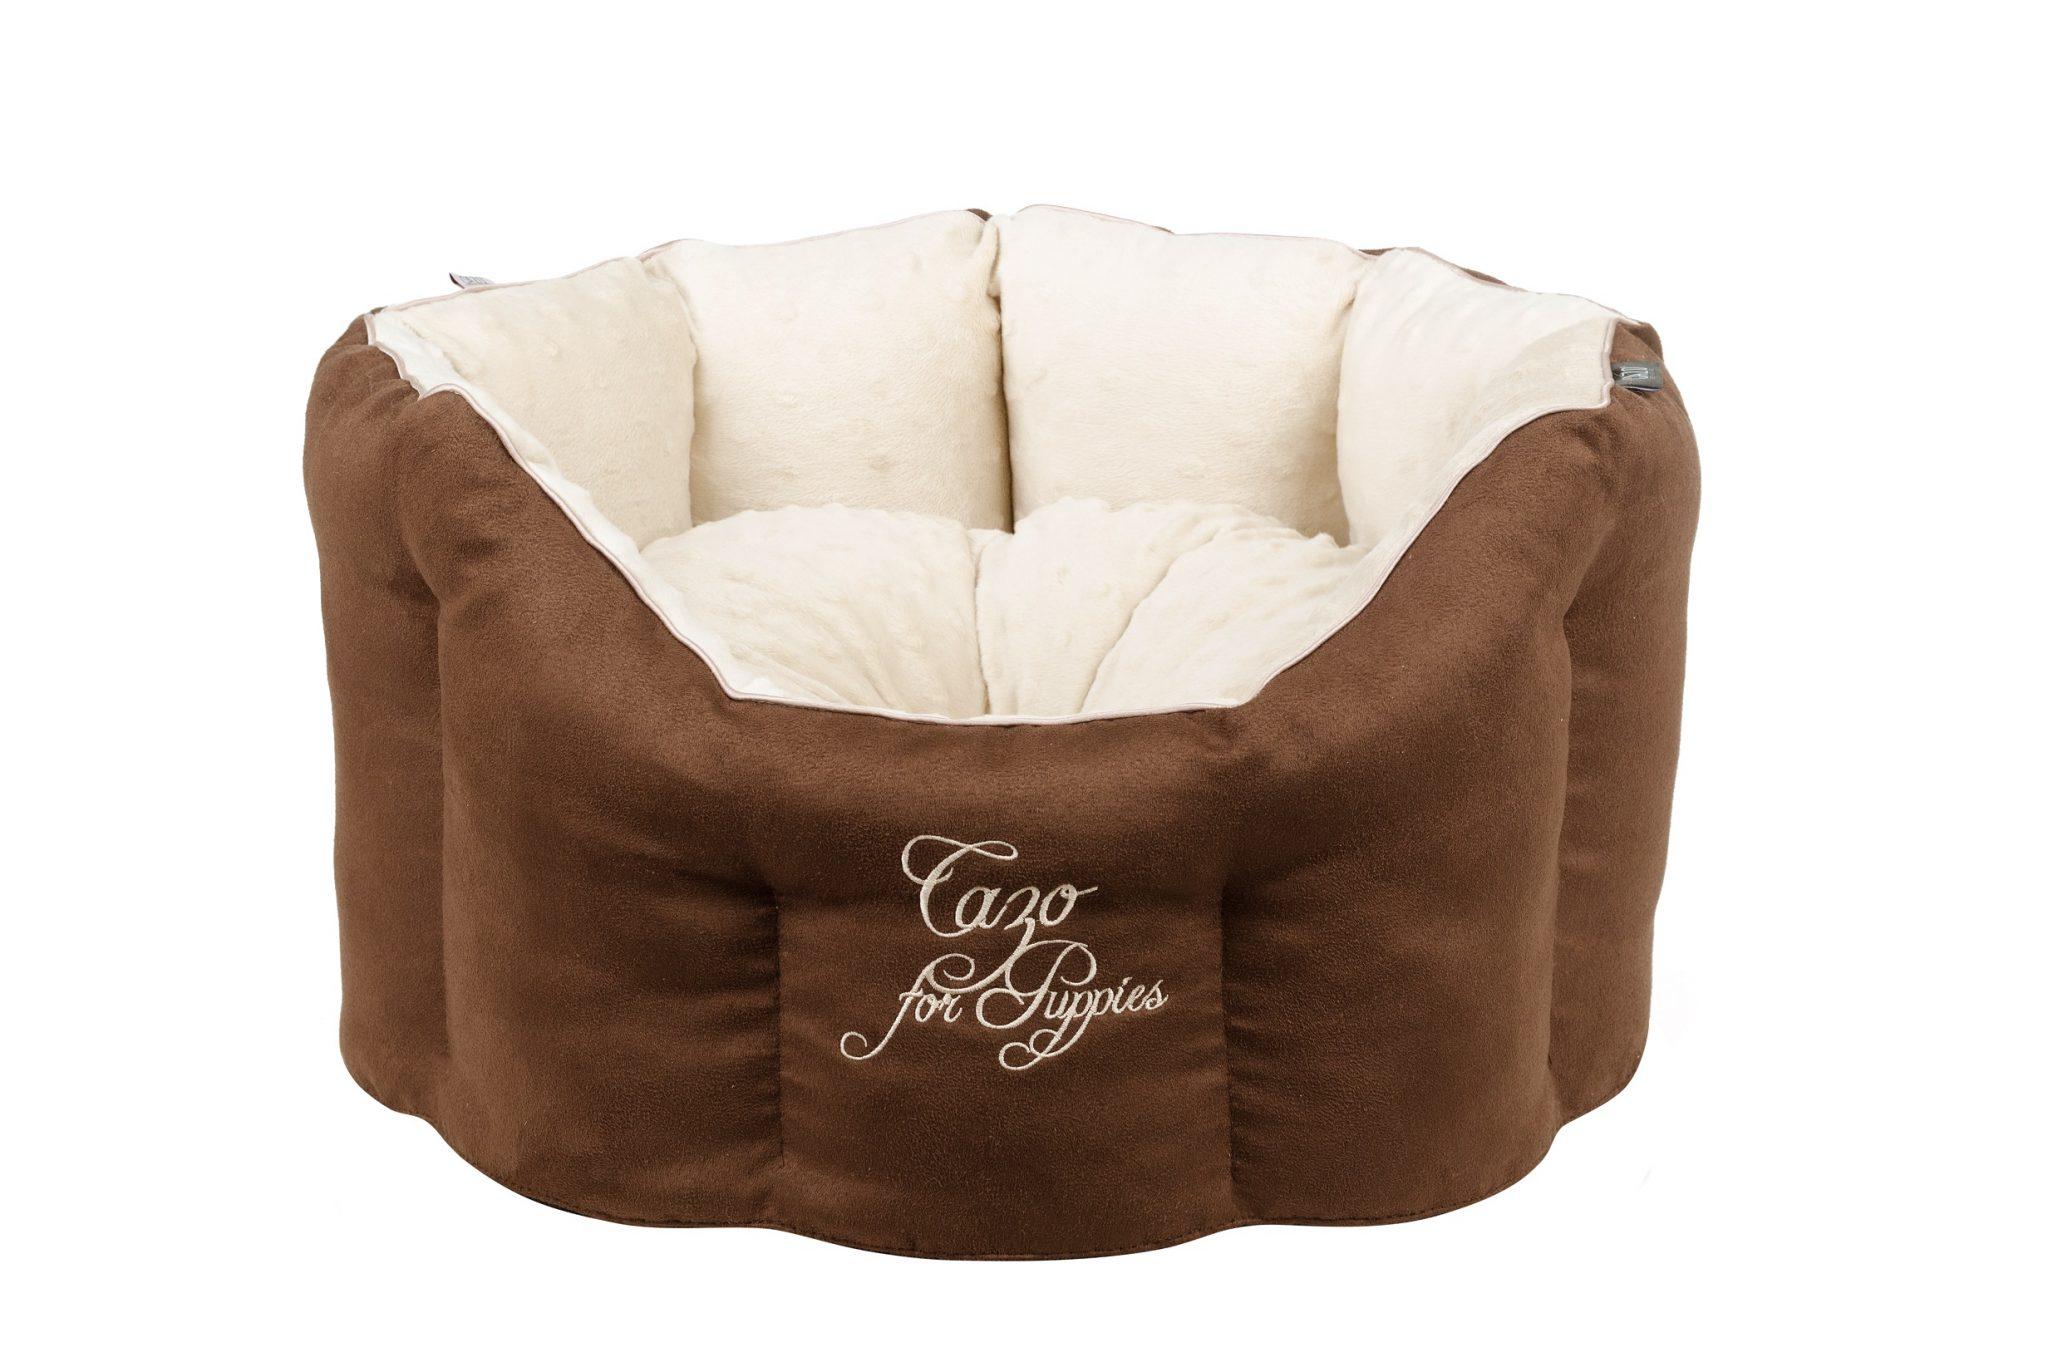 Pelech Cazo Puppy King béžová je pohodlný a kvalitný pelech pre psa alebo mačku. Moderný dizajn, komfort, kvalitné spracovanie materiálov a jednoduchá údržba.